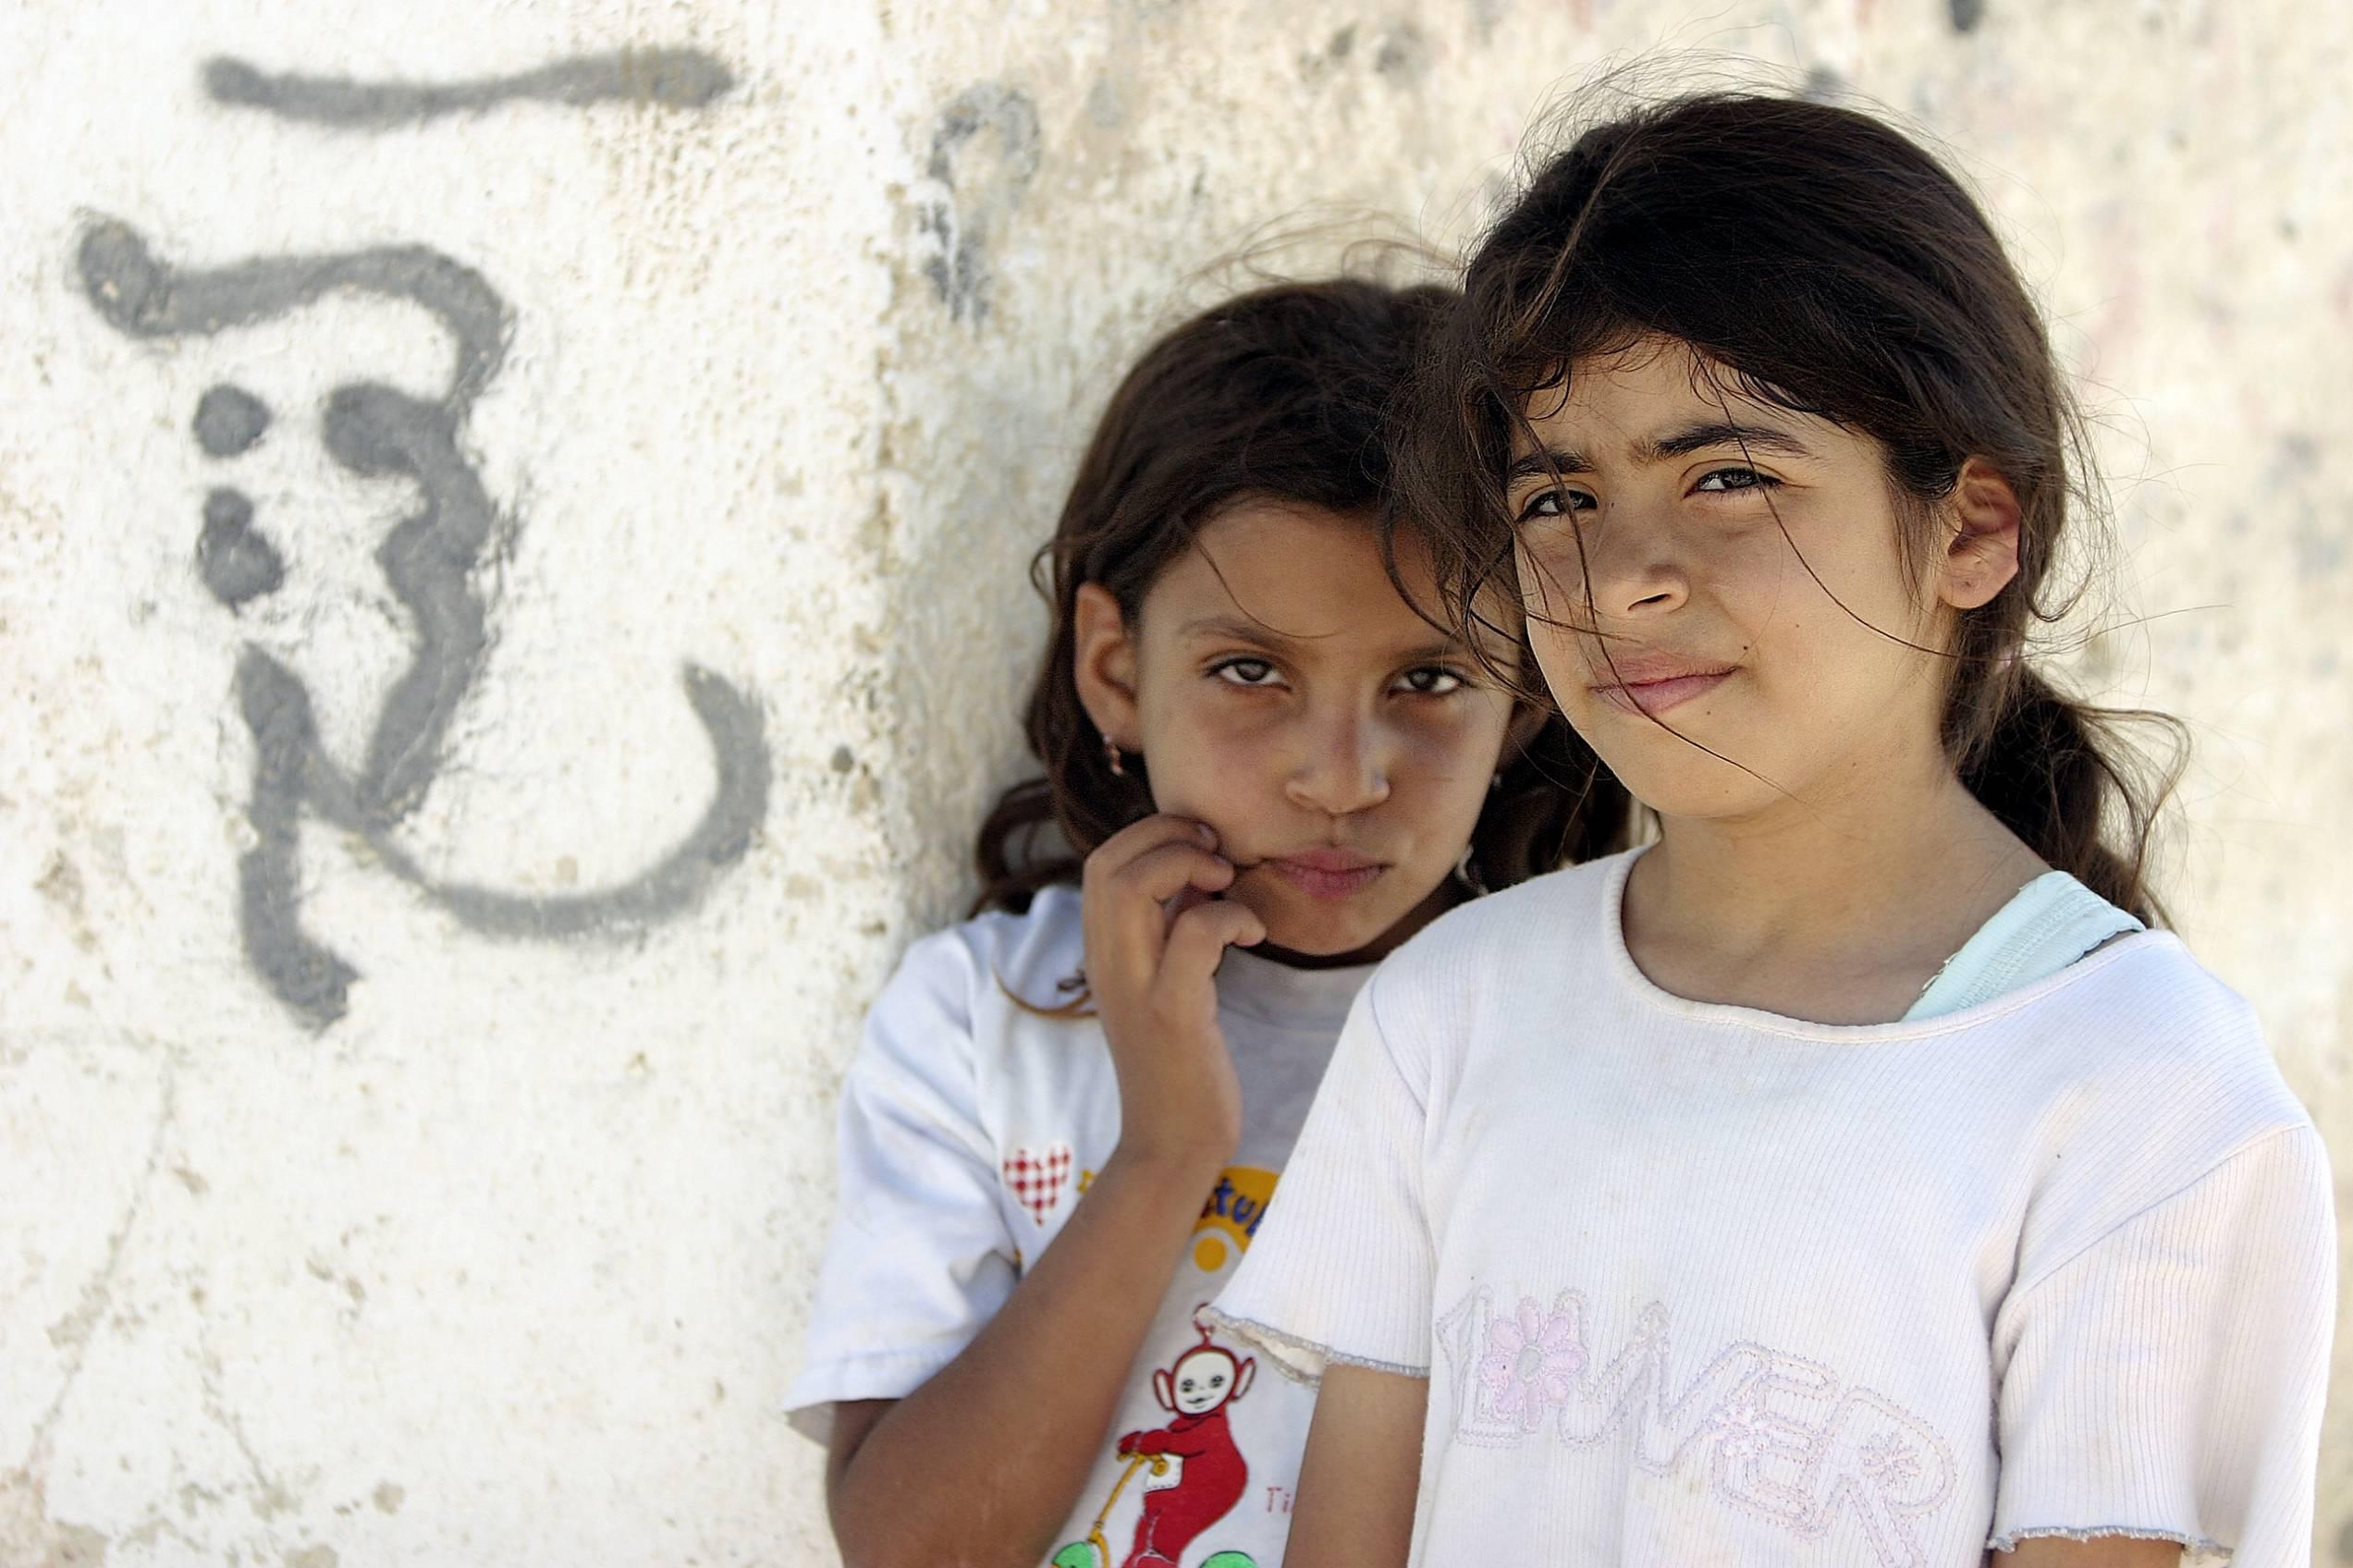 Den internationale dag for uskyldige børn udsat for angreb